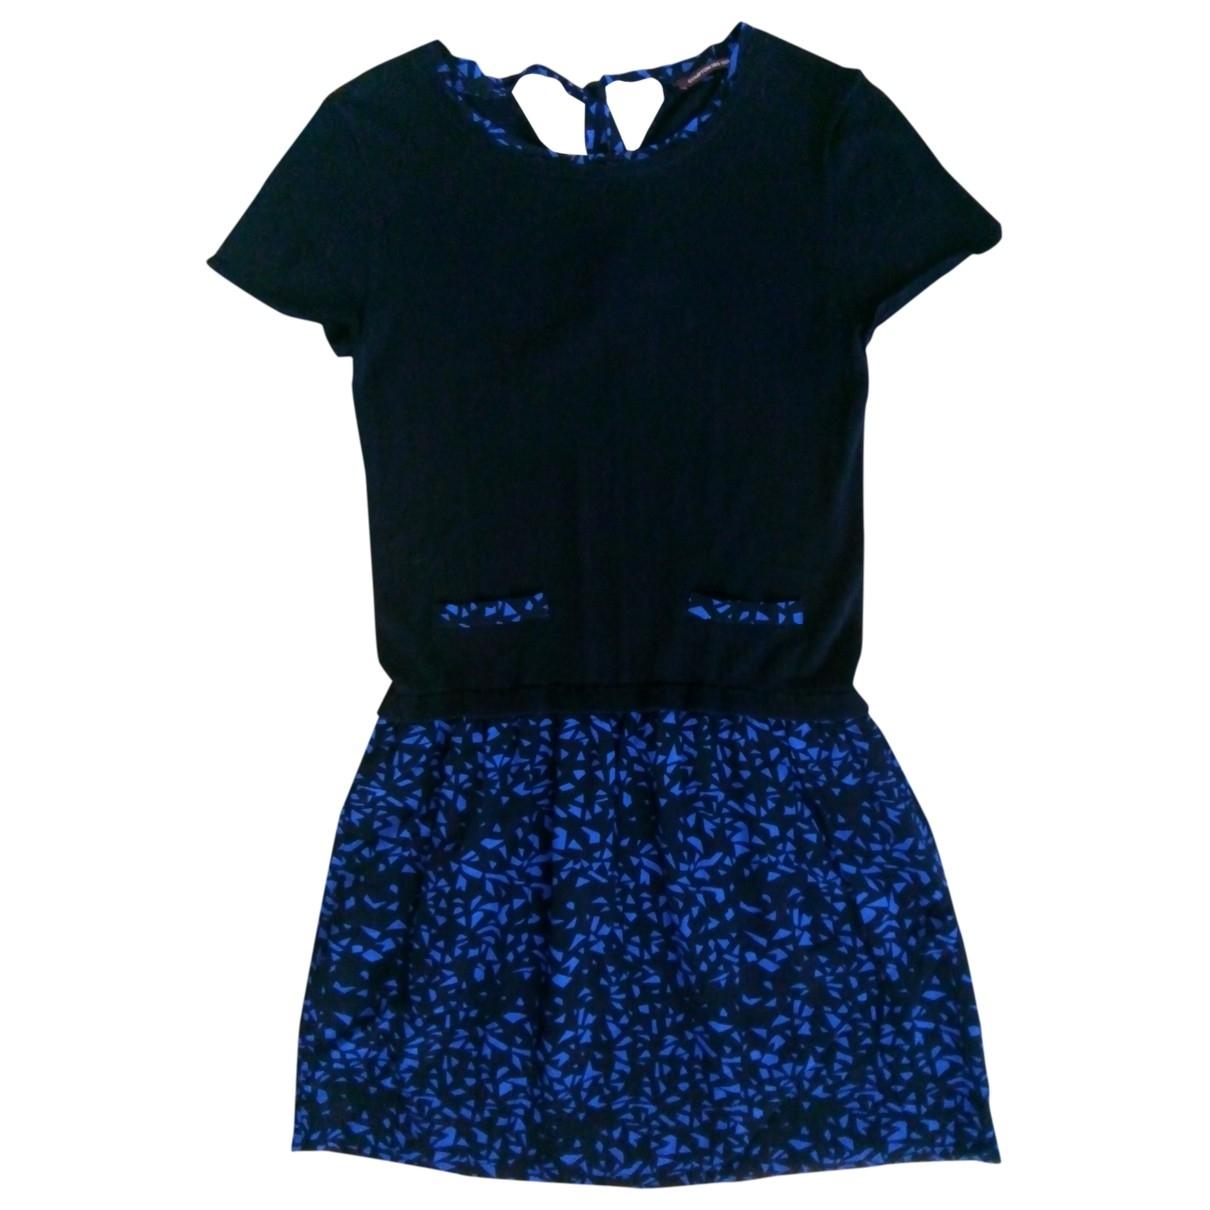 Comptoir Des Cotonniers \N Black Cotton dress for Women S International